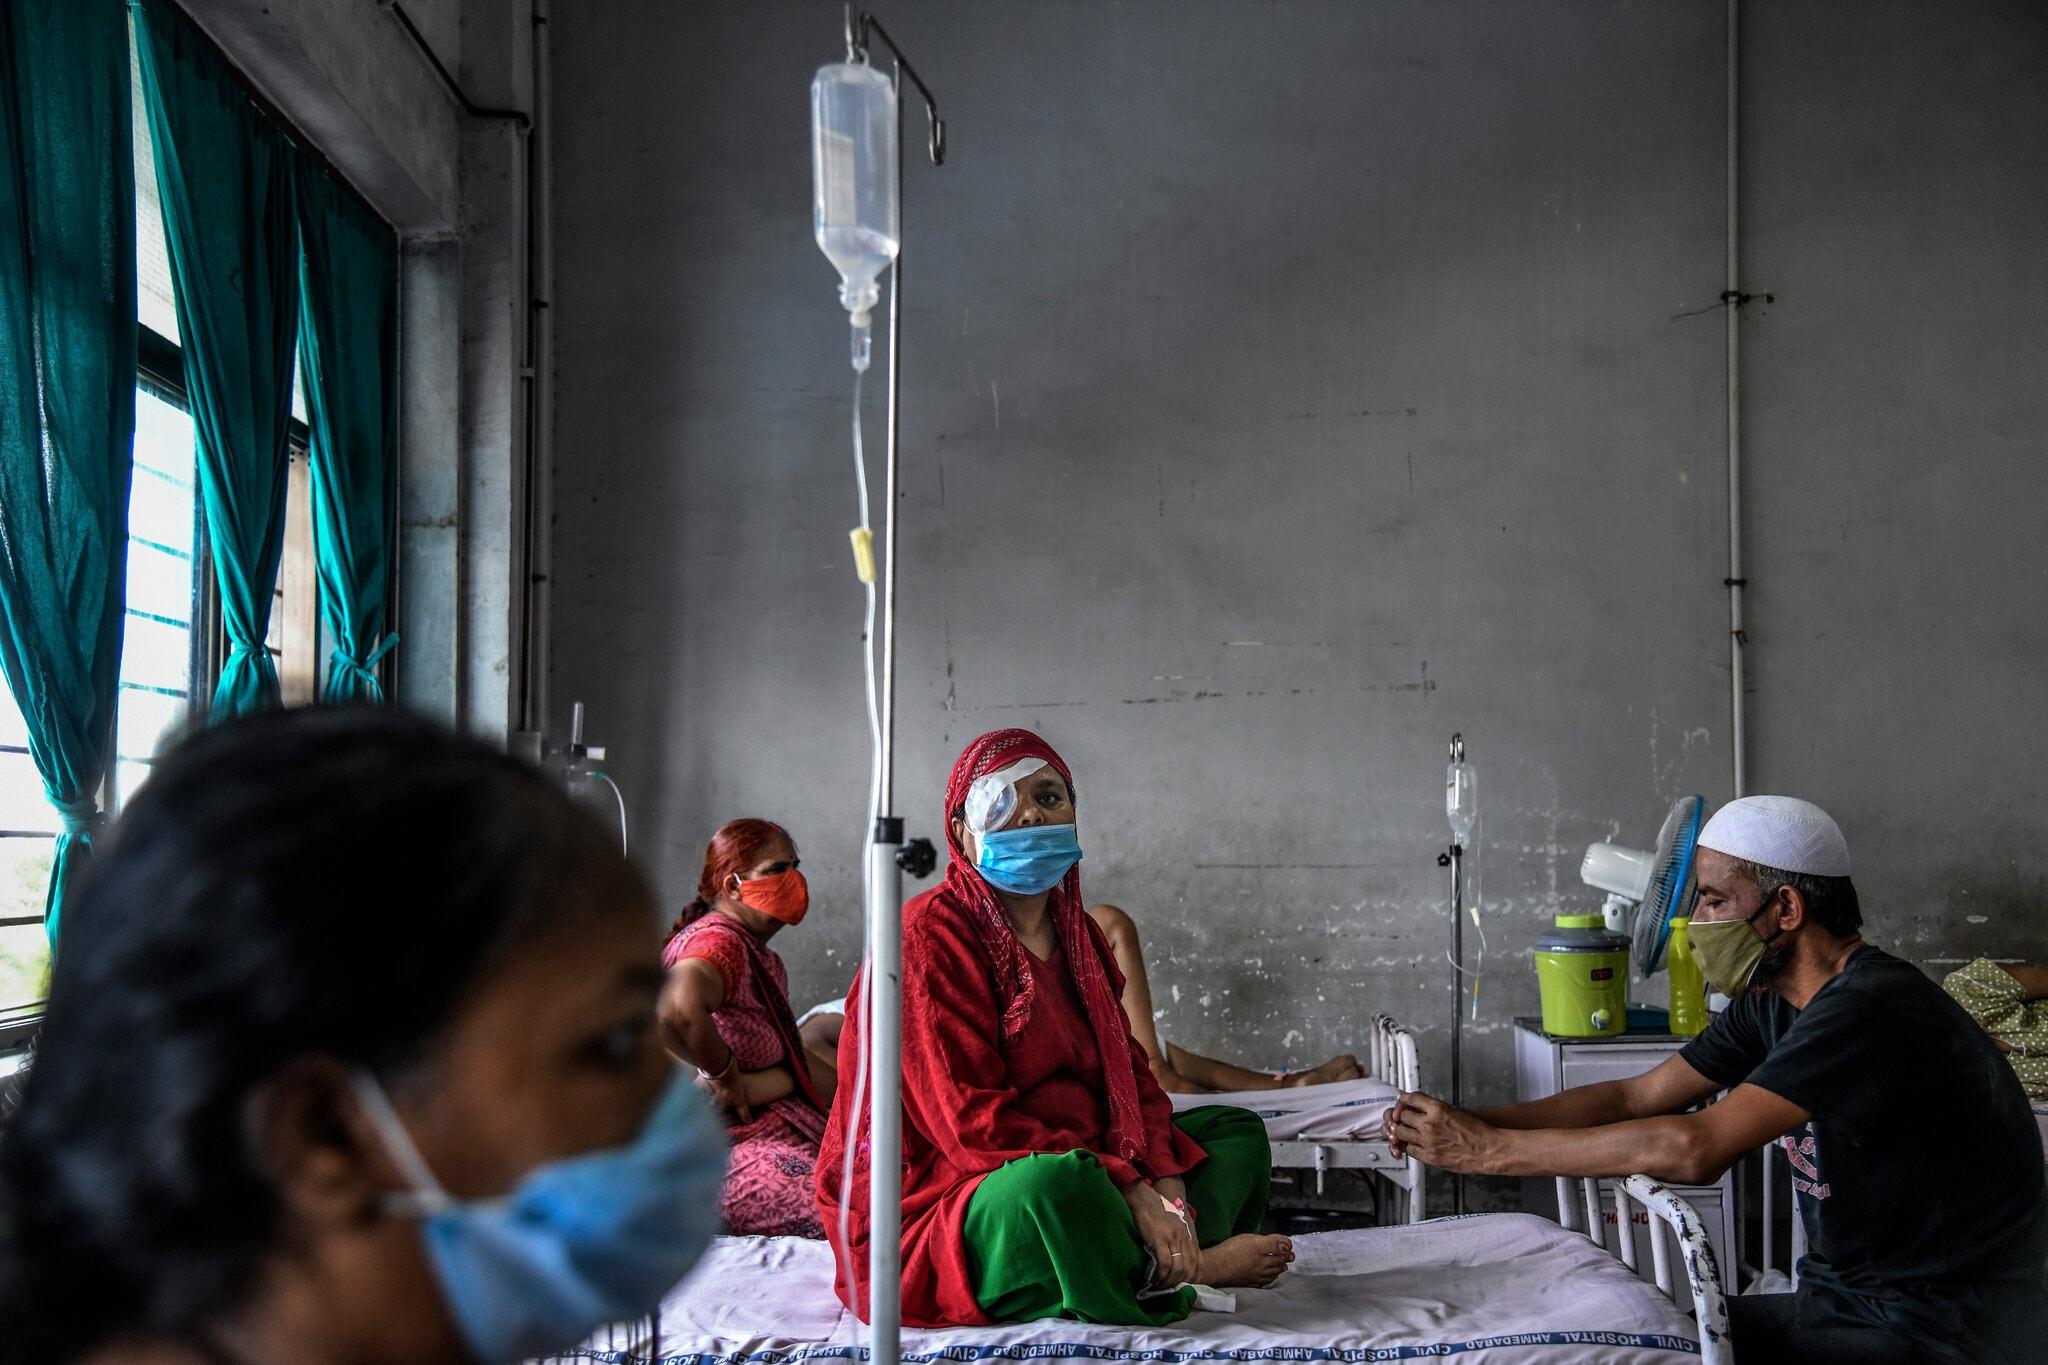 Khu điều trị bệnh nấm đen tại Bệnh viện Ahmedabad, bang Gujarat, Ấn Độ, vào tháng 6. Ảnh: NYT